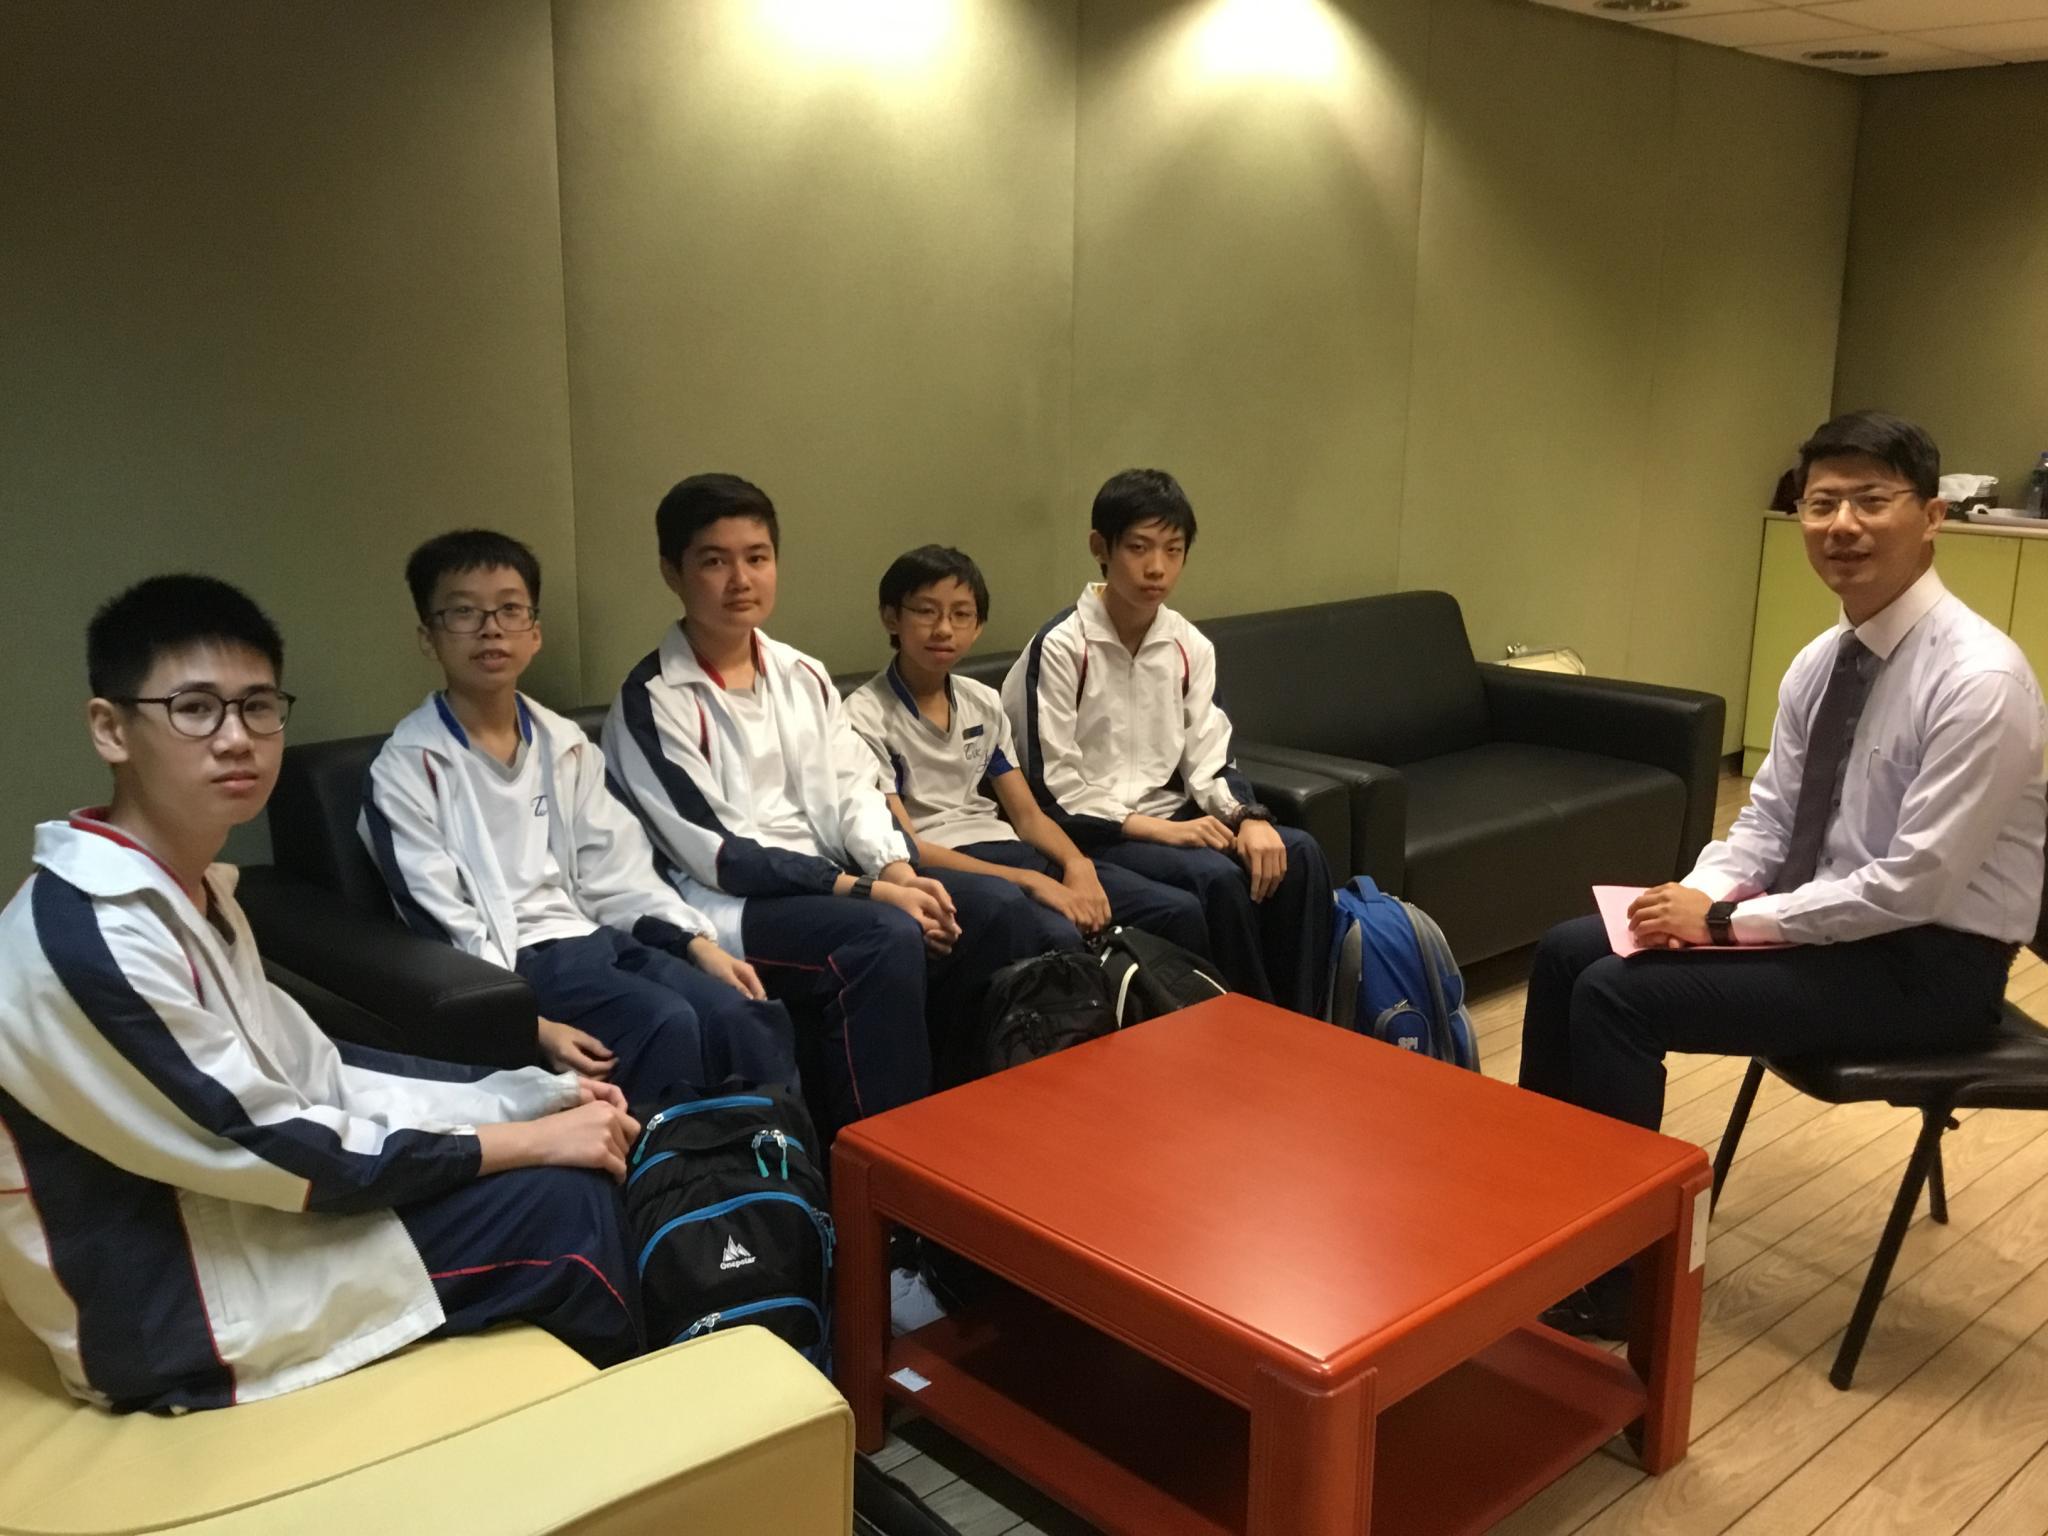 Principal Wong is meeting with 3E students (Pak Him Chan, Yip Long Cheuk, Kit Cheung, Ka Kin Chiu and Chuen Hei Fu)